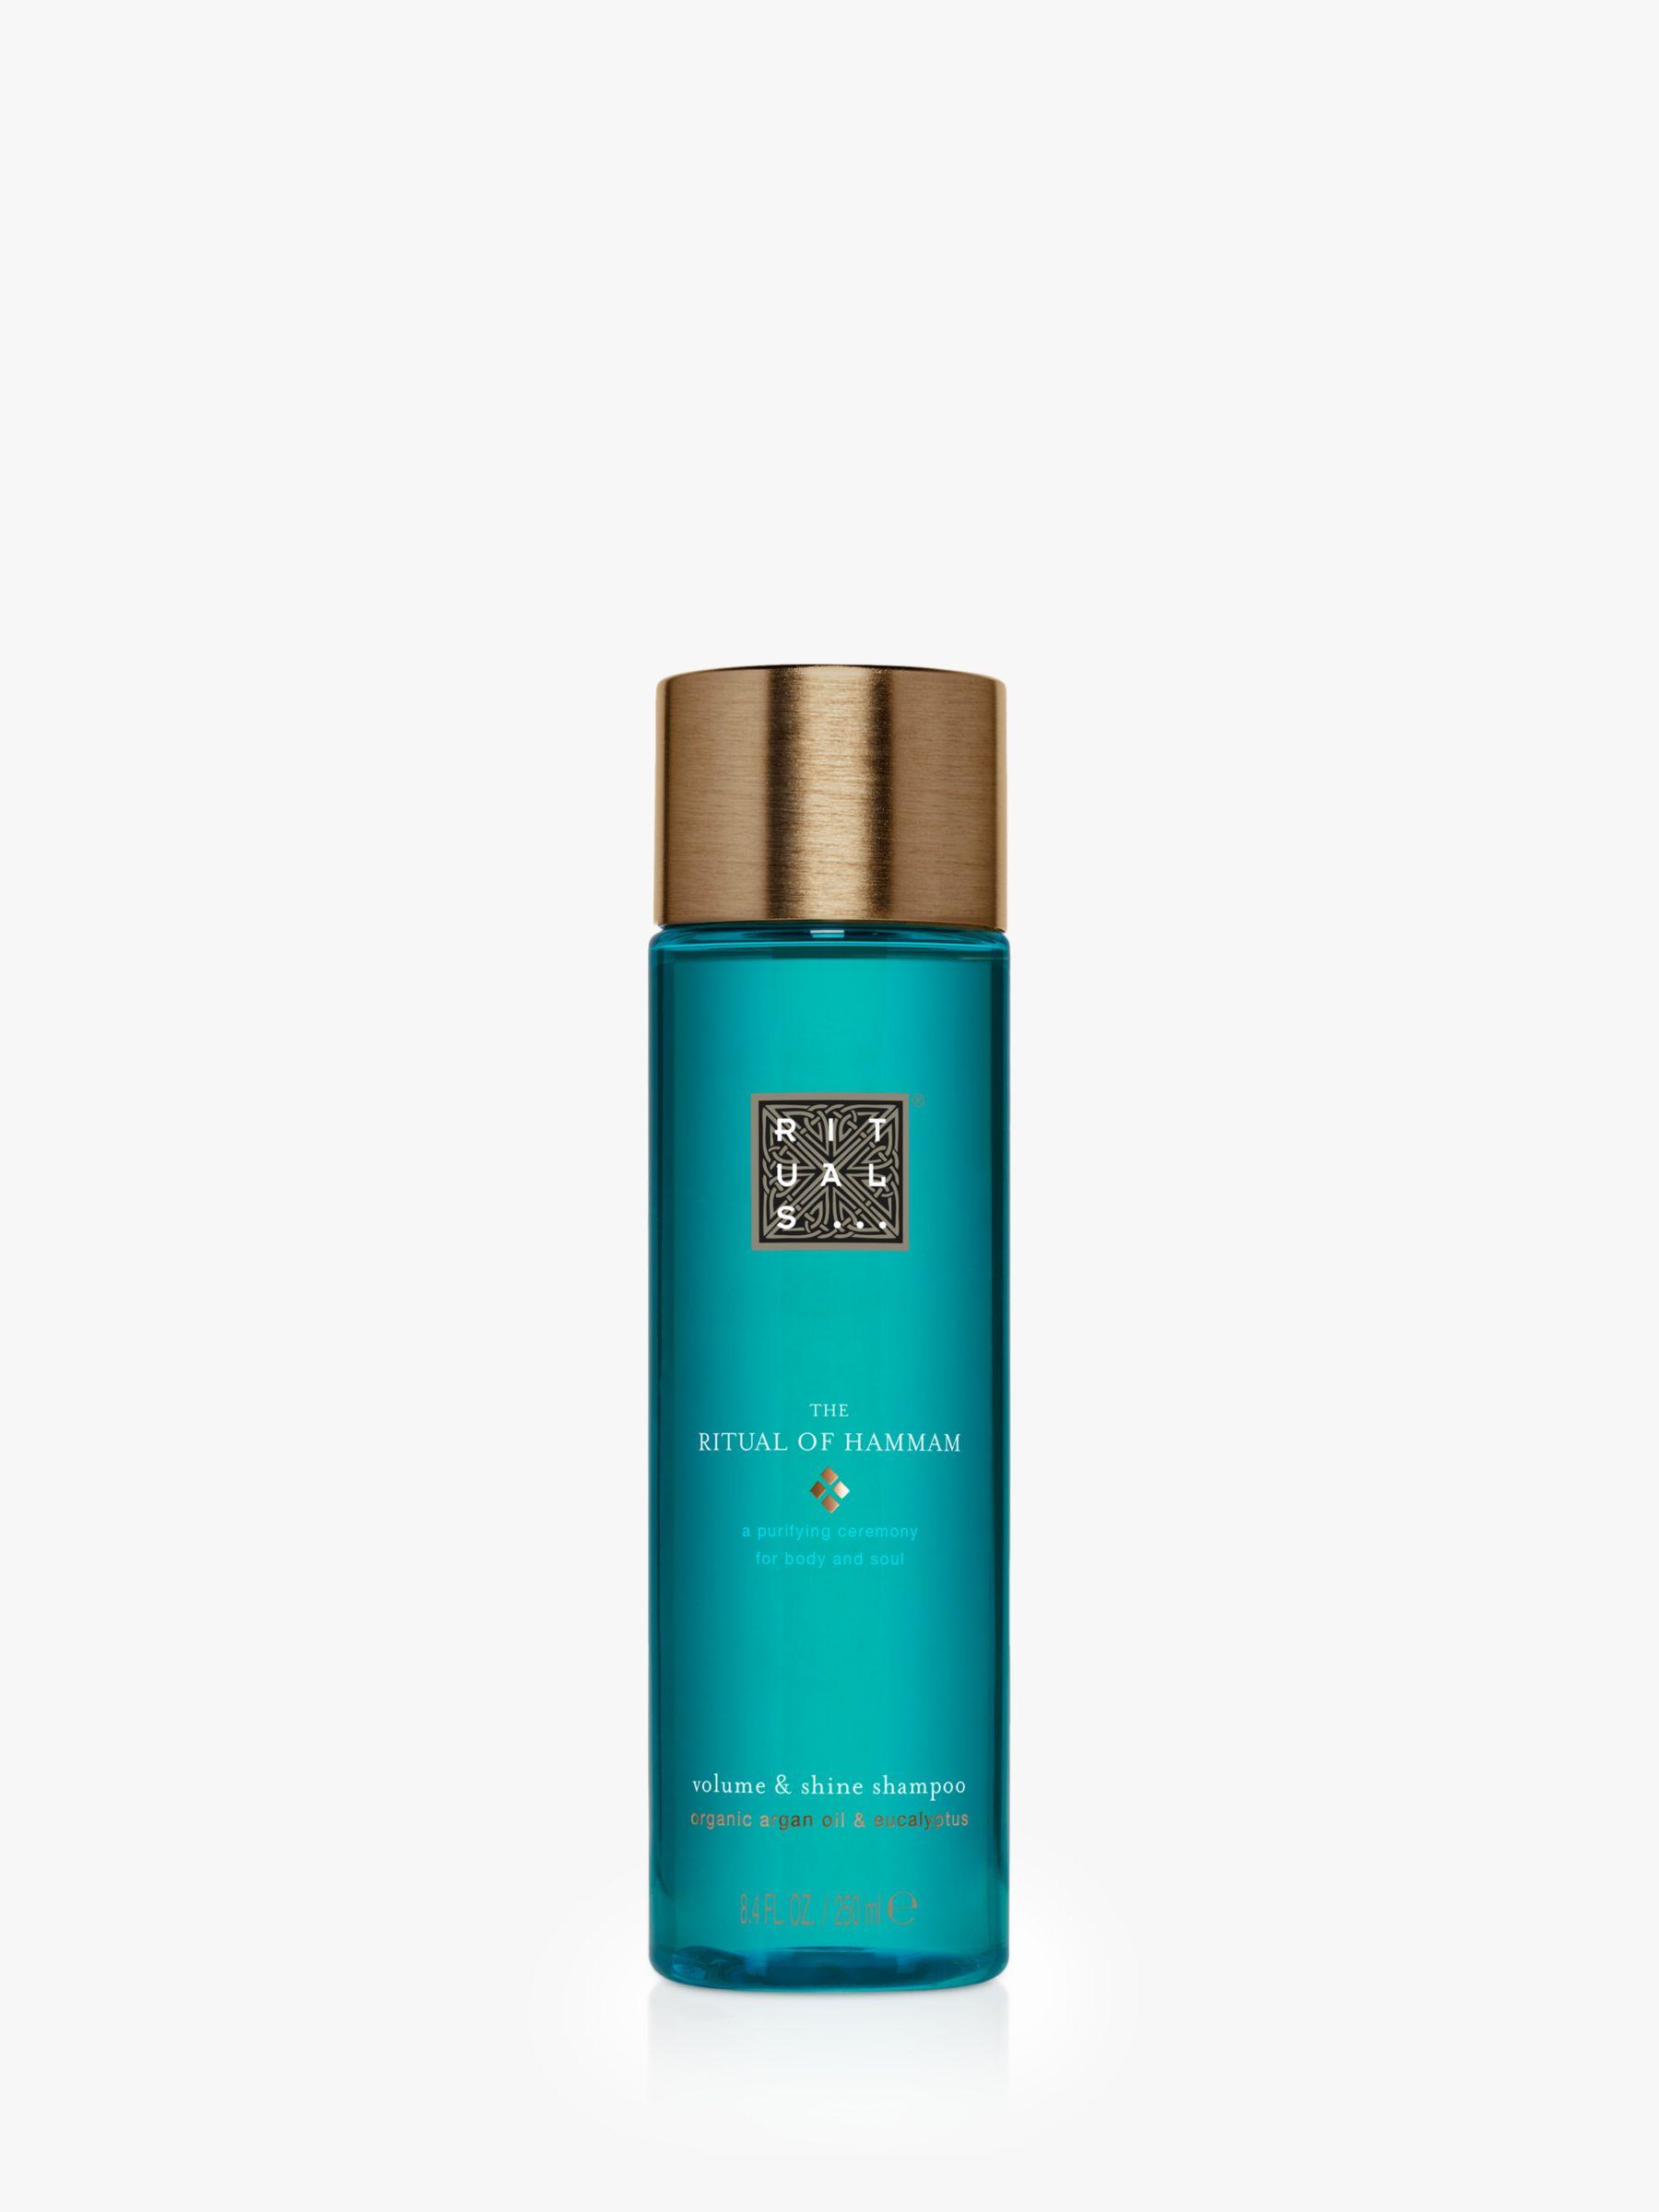 Rituals Rituals The Ritual of Hammam Nourishing Shampoo, 250ml